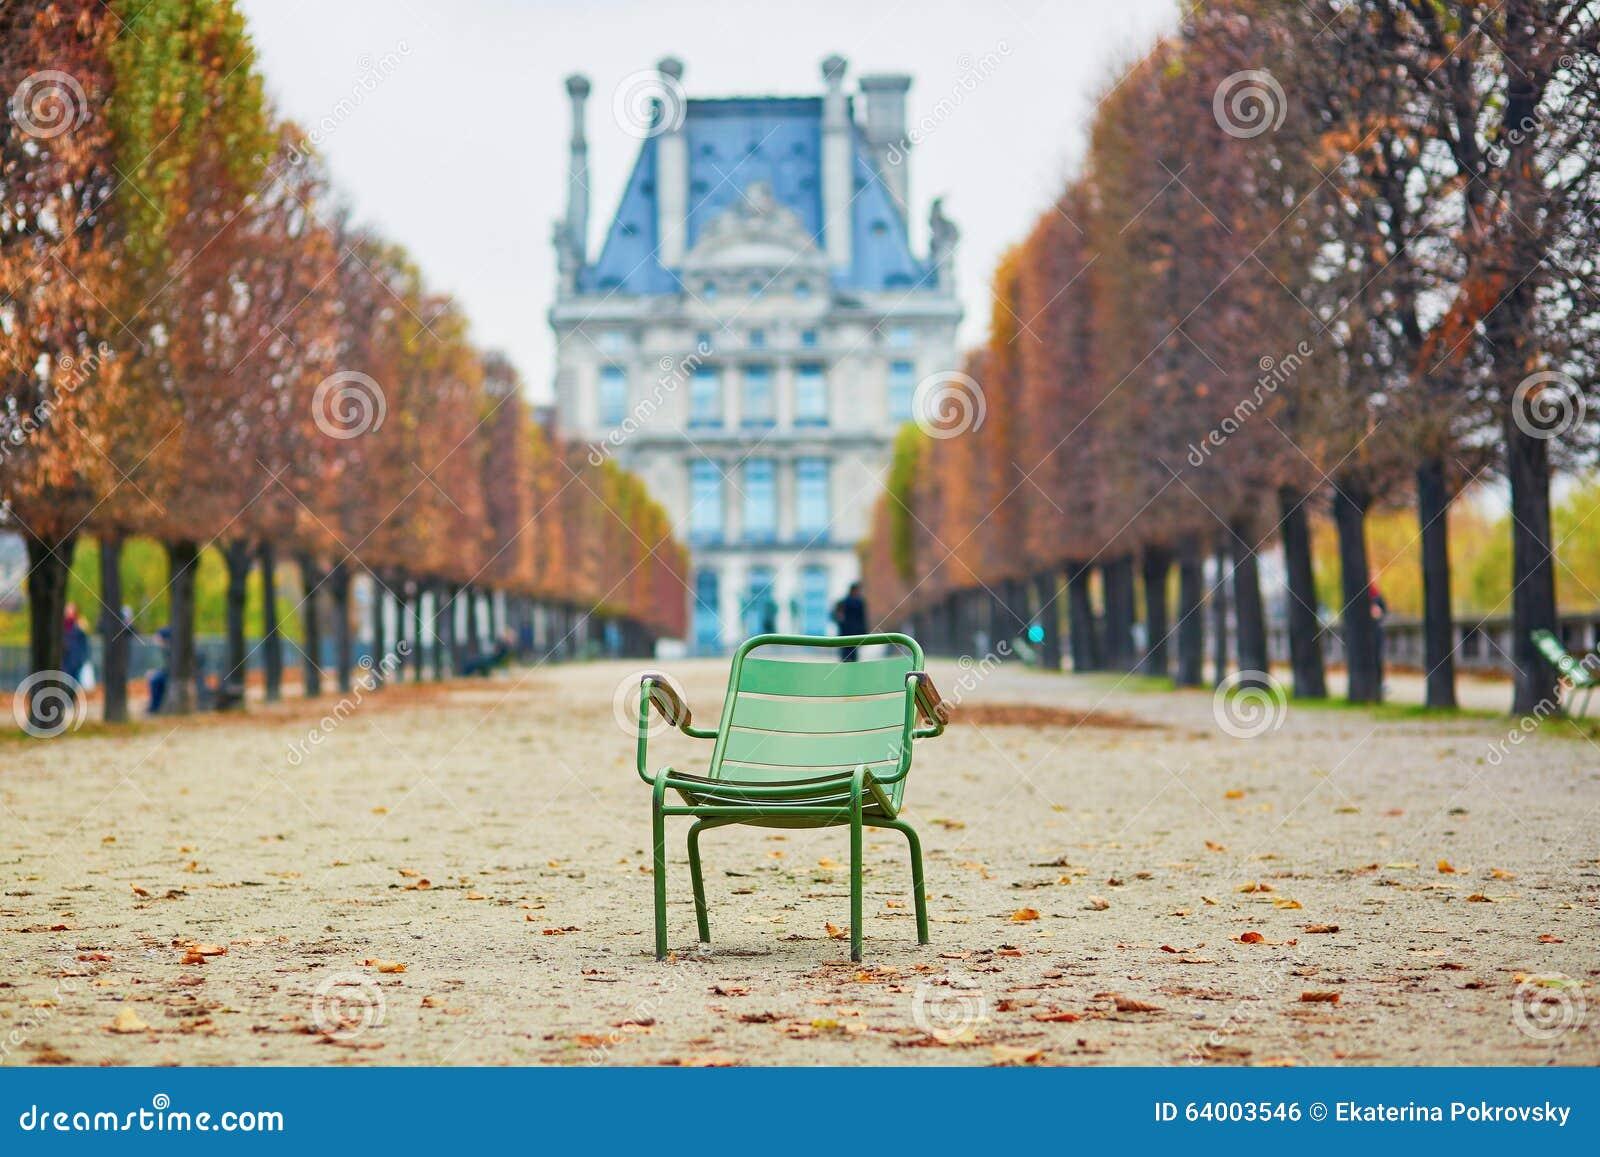 D co cafe terrasse jardin des tuileries perpignan 21 perpignan barcelone train perpignan - Deco jardin de invierno perpignan ...